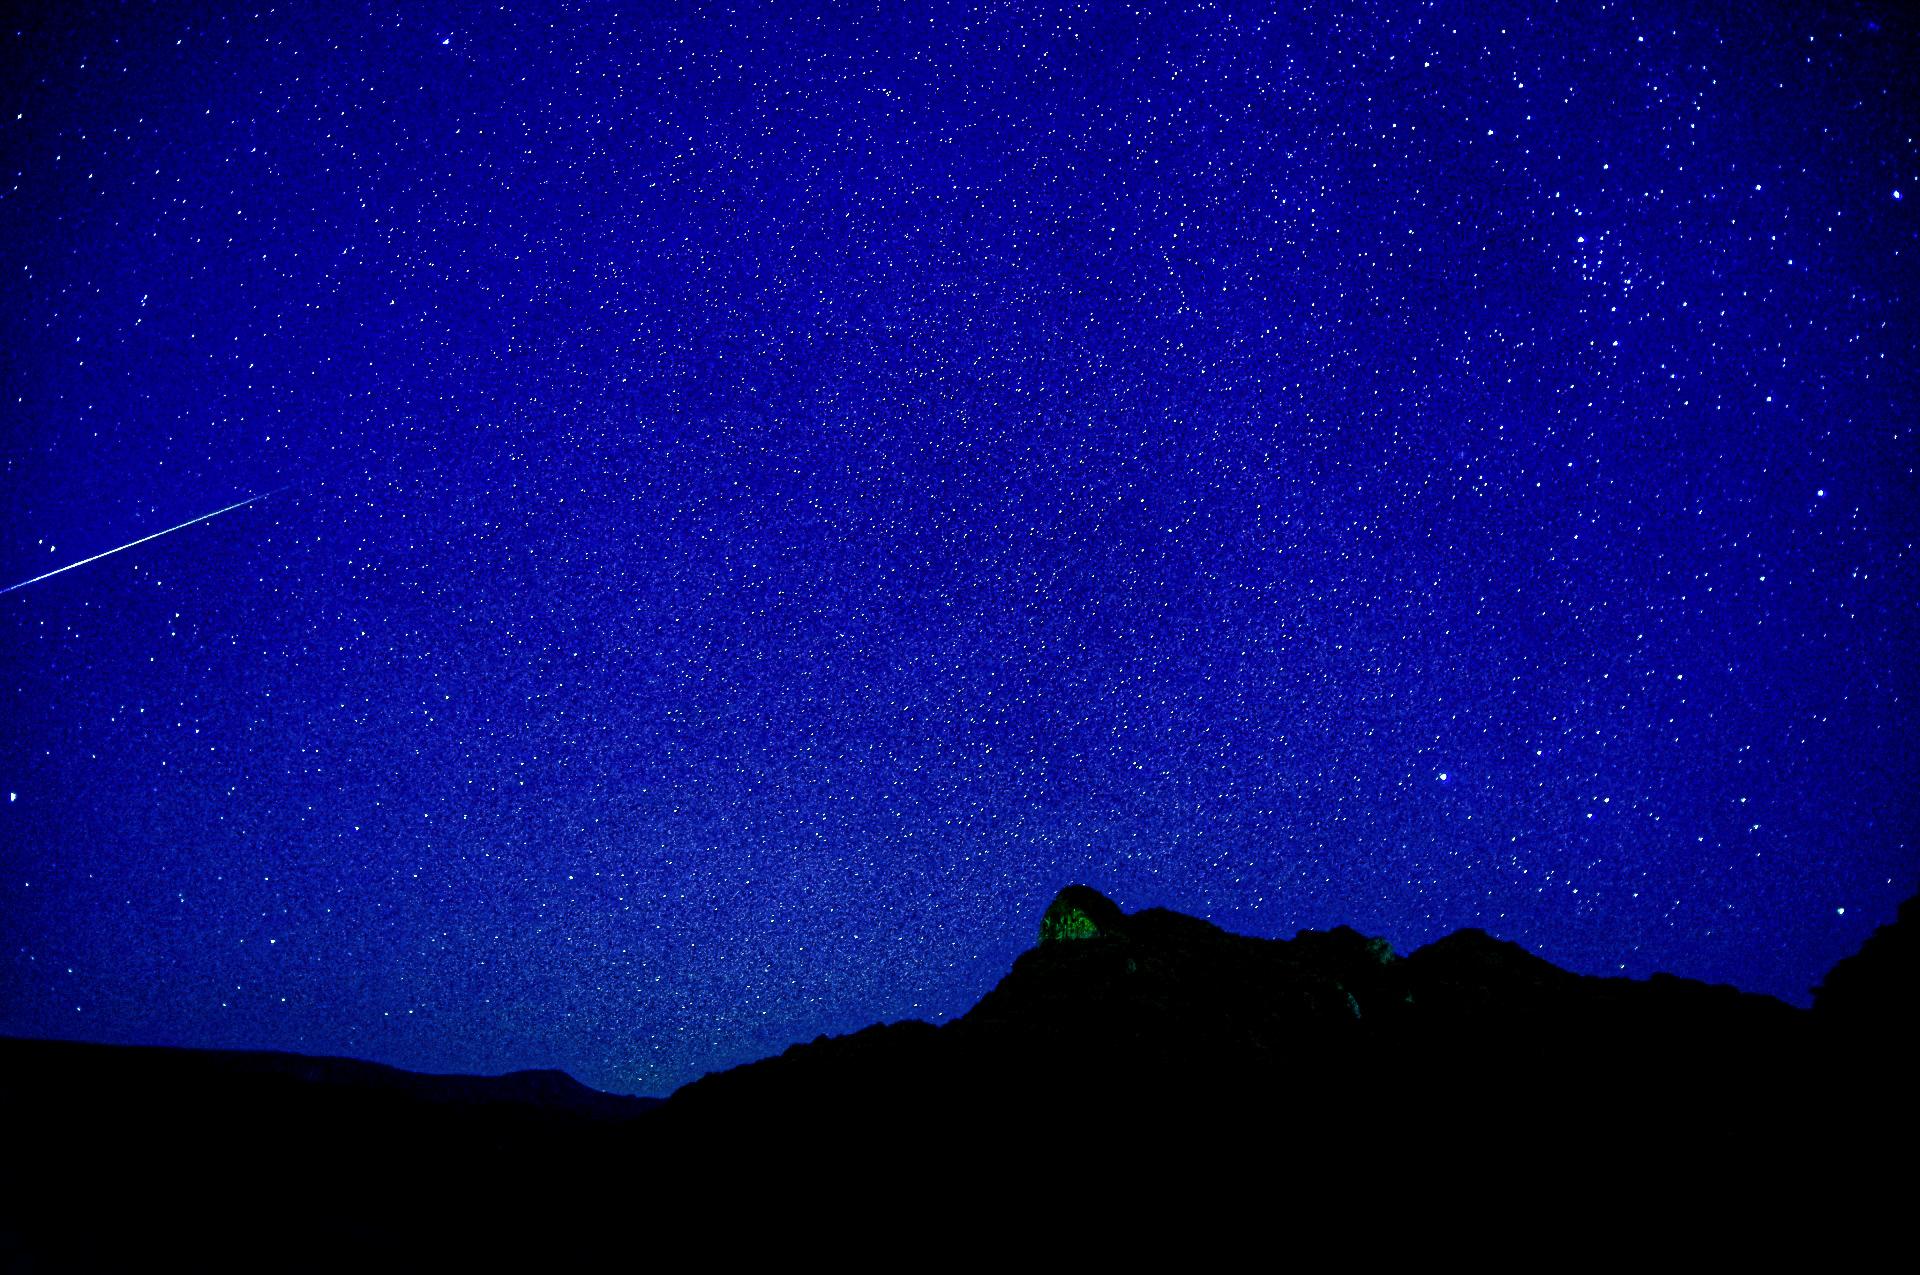 流れ星がたくさん流れる石垣島の夜空